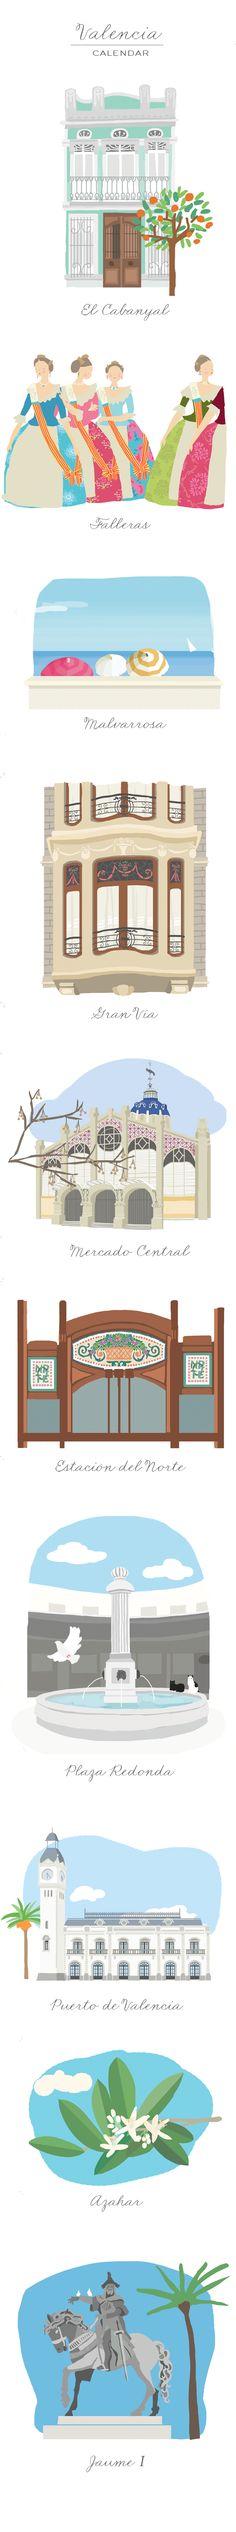 Imagenes que he creado para un calendario sobre Valencia que acaba de…